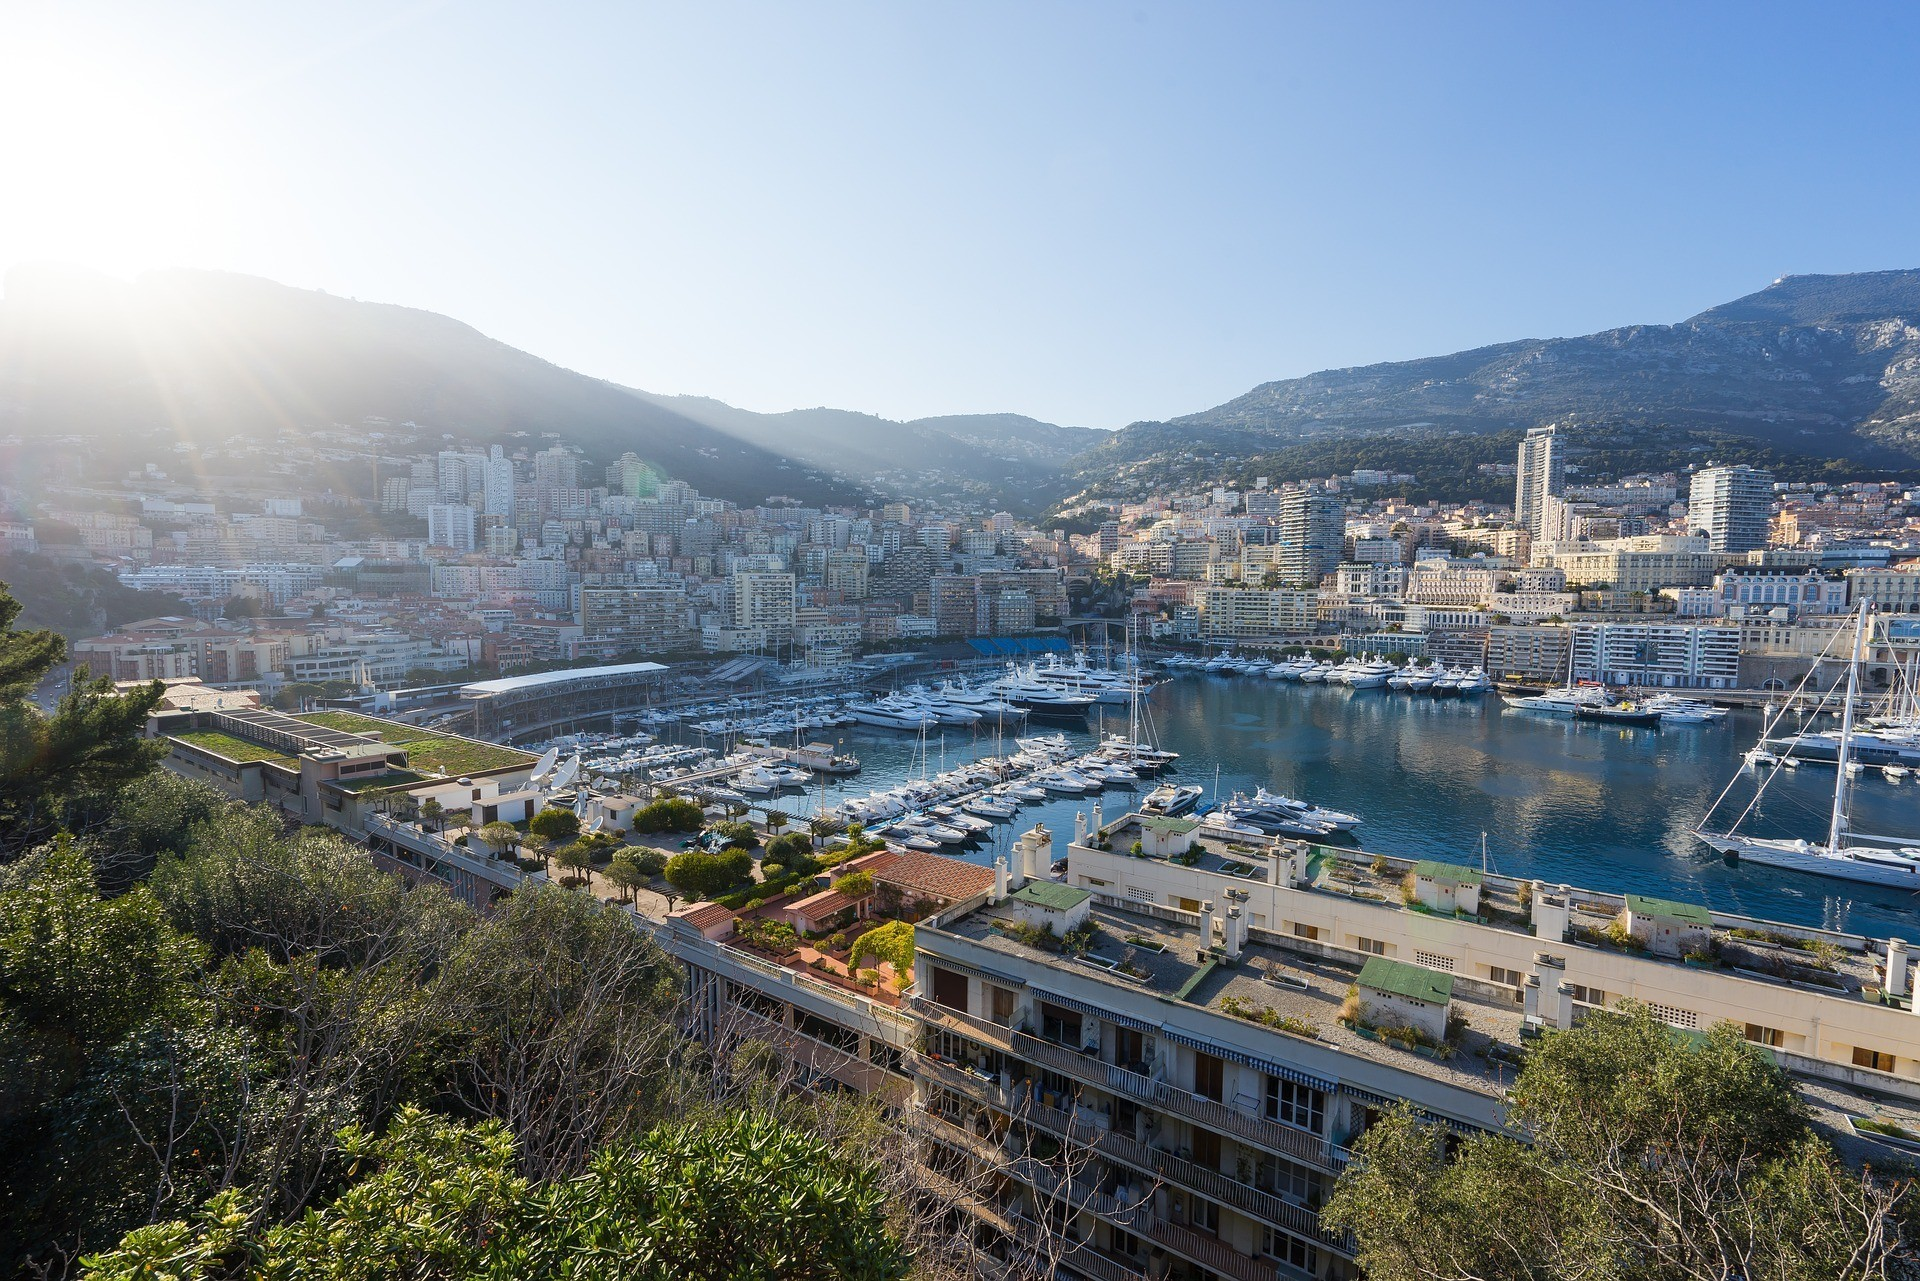 Wee-kend gourmand dans un hôtel 4 étoiles à Monte Carlo